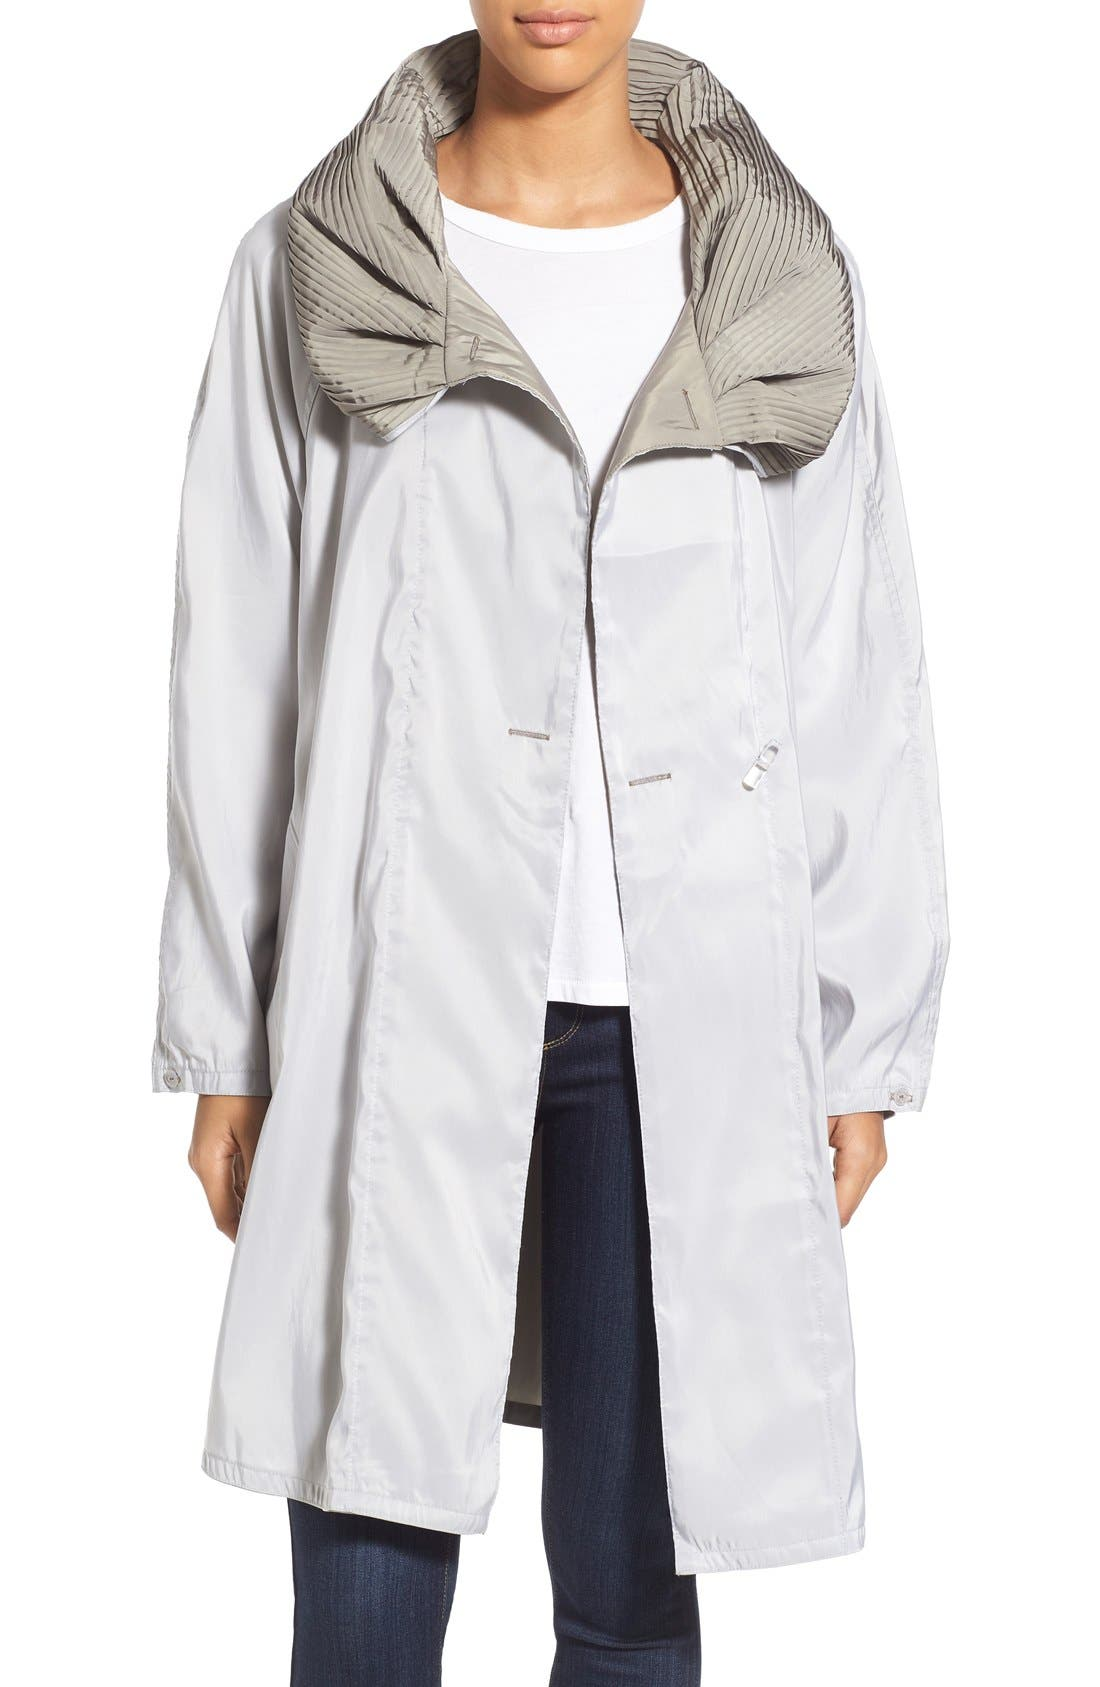 Women's Packable Rain Coats & Jackets | Nordstrom